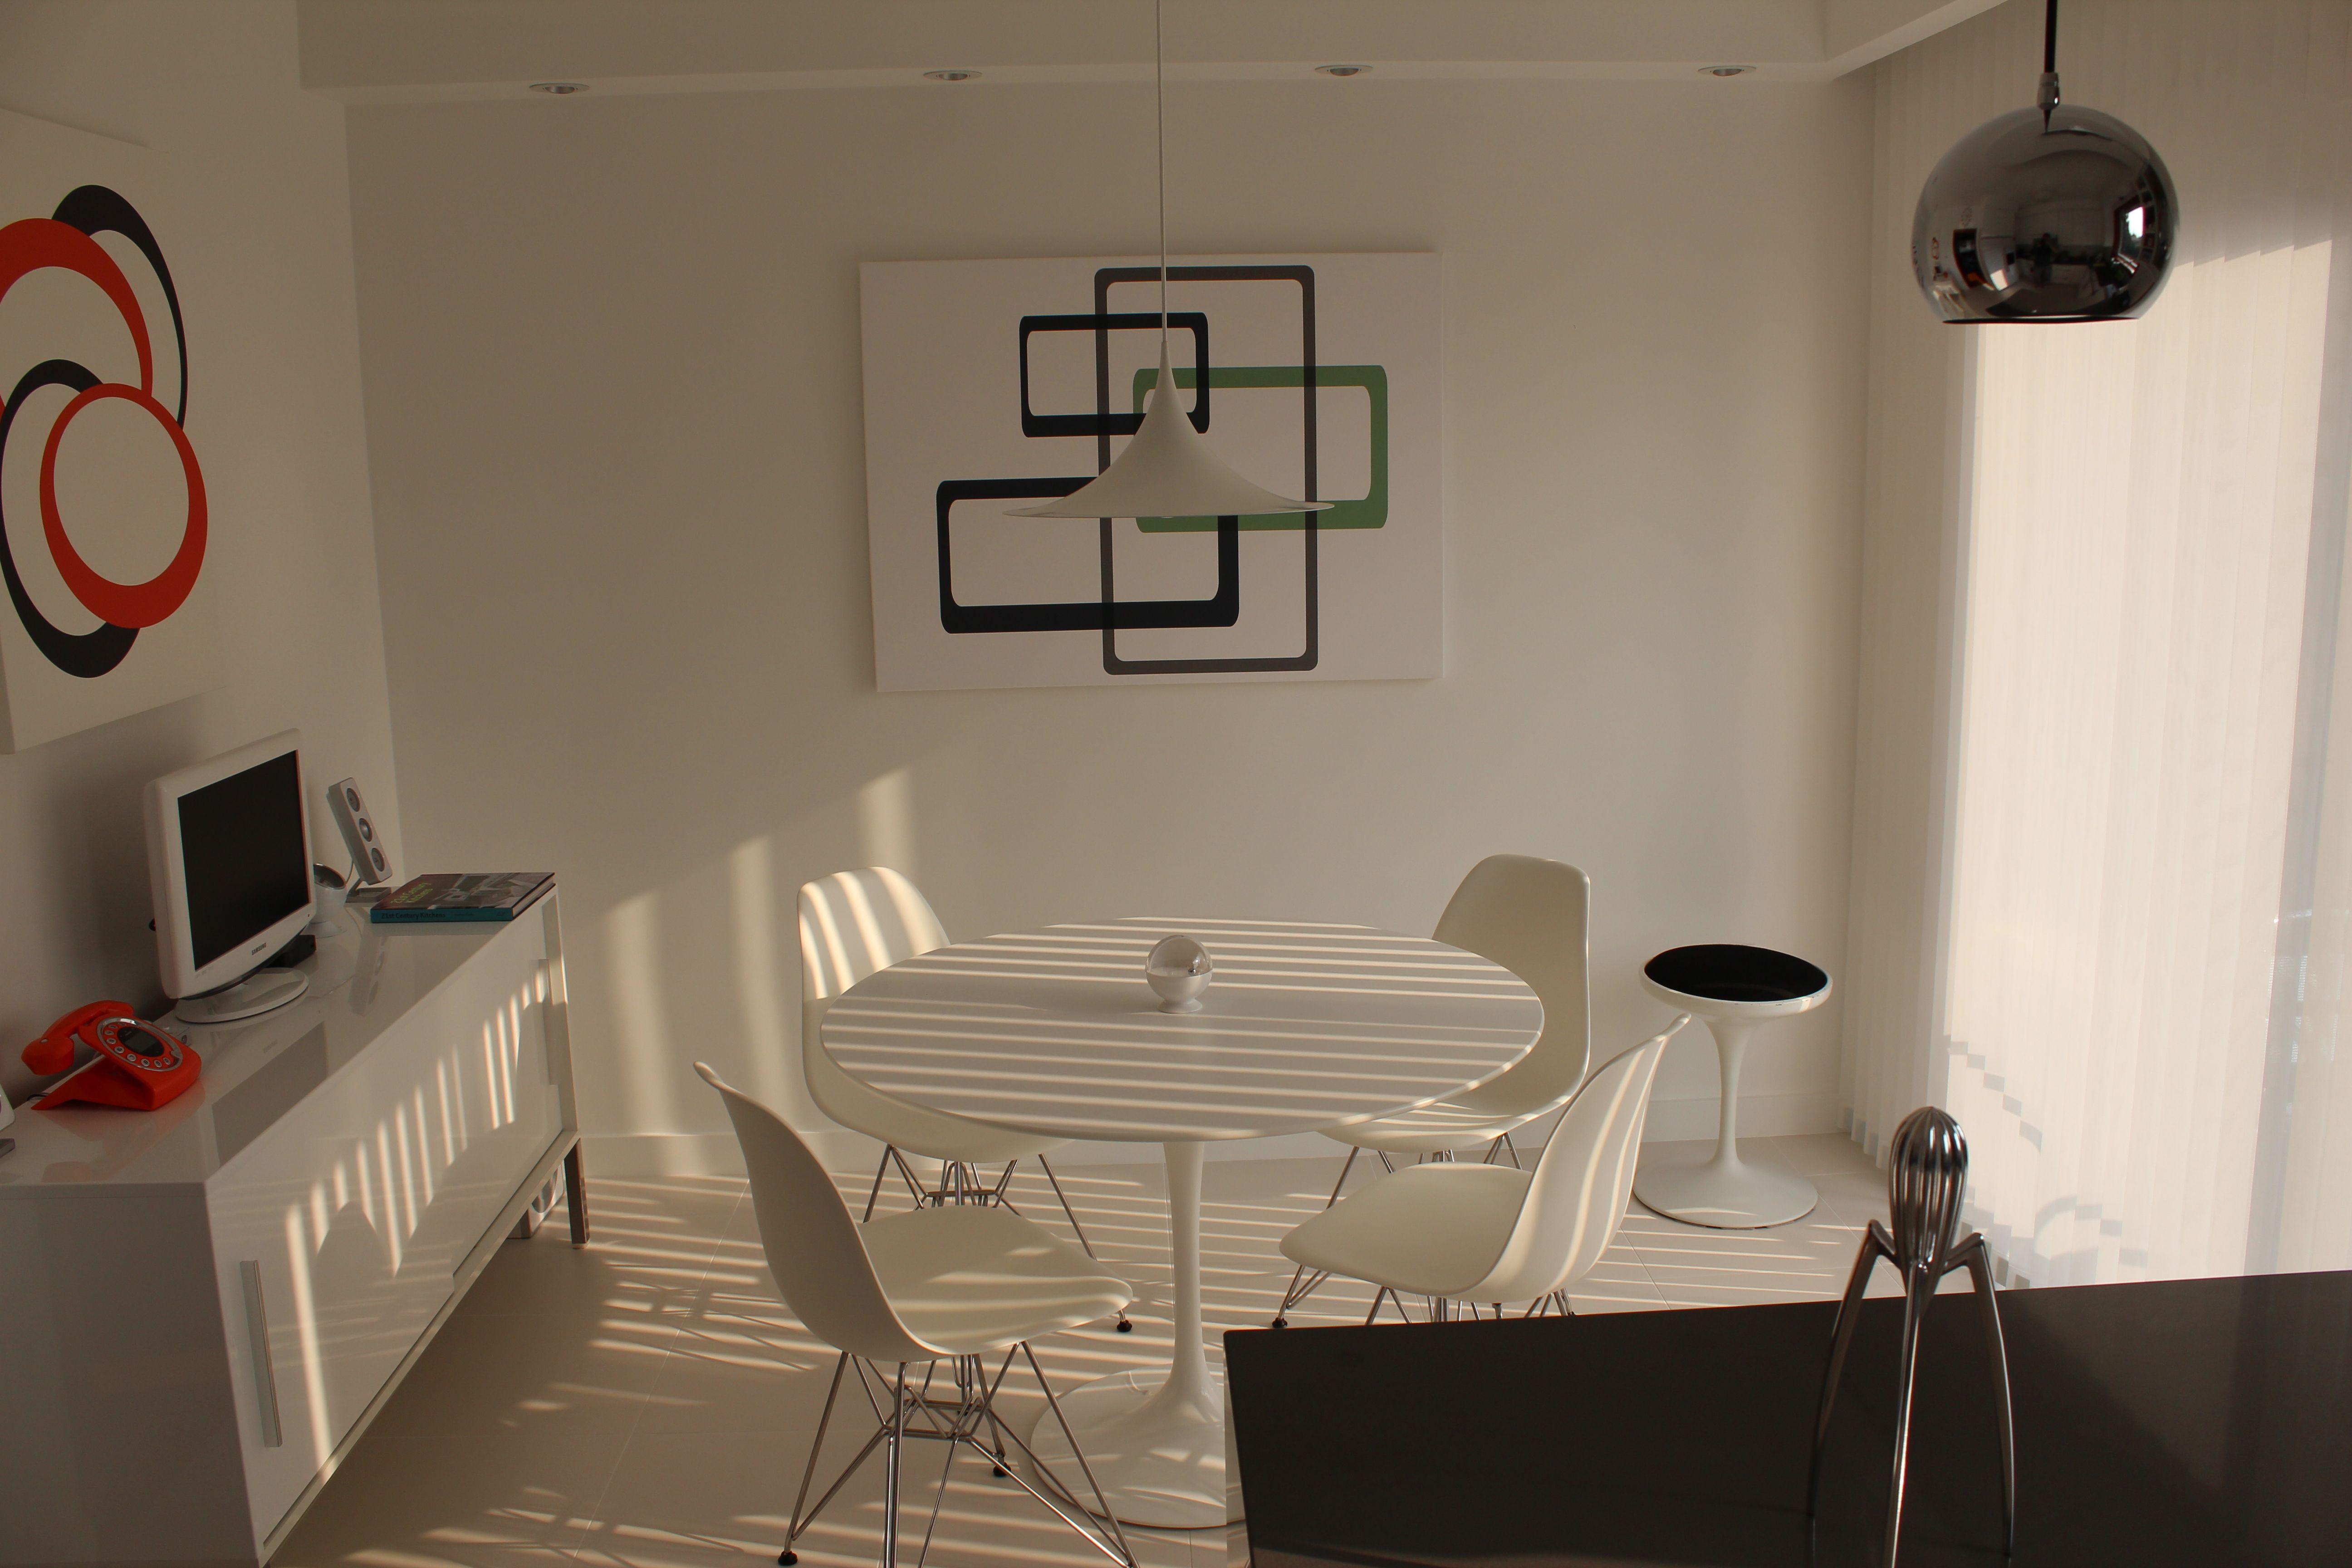 Eat in kitchen new 2013 Knoll Saarinen tulip table 42